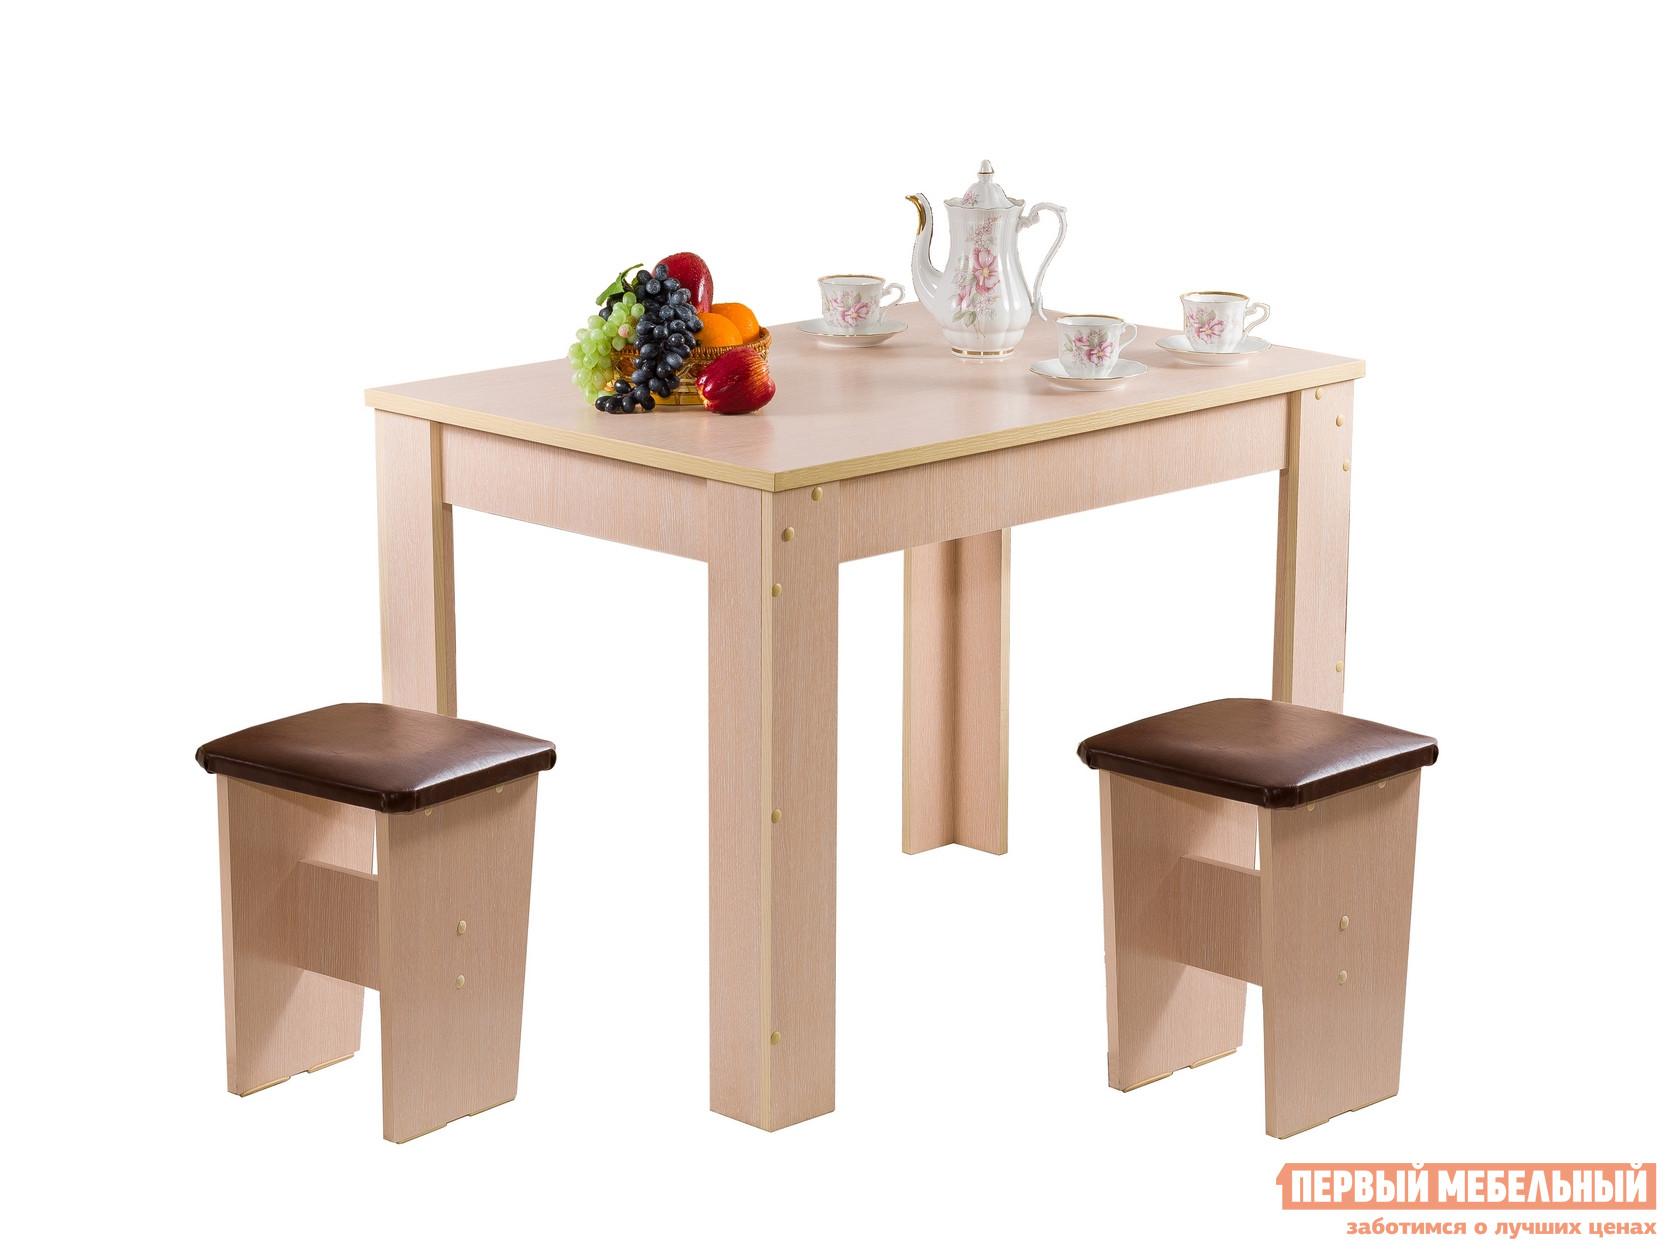 Кухонный стол Мебель Волгодонска Стол Лидер 6 Дуб молочныйКухонные столы<br>Габаритные размеры ВхШхГ 755x1020x690 мм. Удобный стол — незаменимый предмет на кухне.  Семейный ужин или прием гостей пройдут в уюте и с комфортом.  Классическое исполнение органично впишется в любой интерьер. Обратите внимание, табуреты в комплект не входят!Изделие изготовлено из ЛДСП.<br><br>Цвет: Дуб молочный<br>Цвет: Светлое дерево<br>Высота мм: 755<br>Ширина мм: 1020<br>Глубина мм: 690<br>Форма поставки: В разобранном виде<br>Срок гарантии: 12 месяцев<br>Материал: Деревянные, из ЛДСП<br>Форма: Прямоугольные<br>Размер: Маленькие